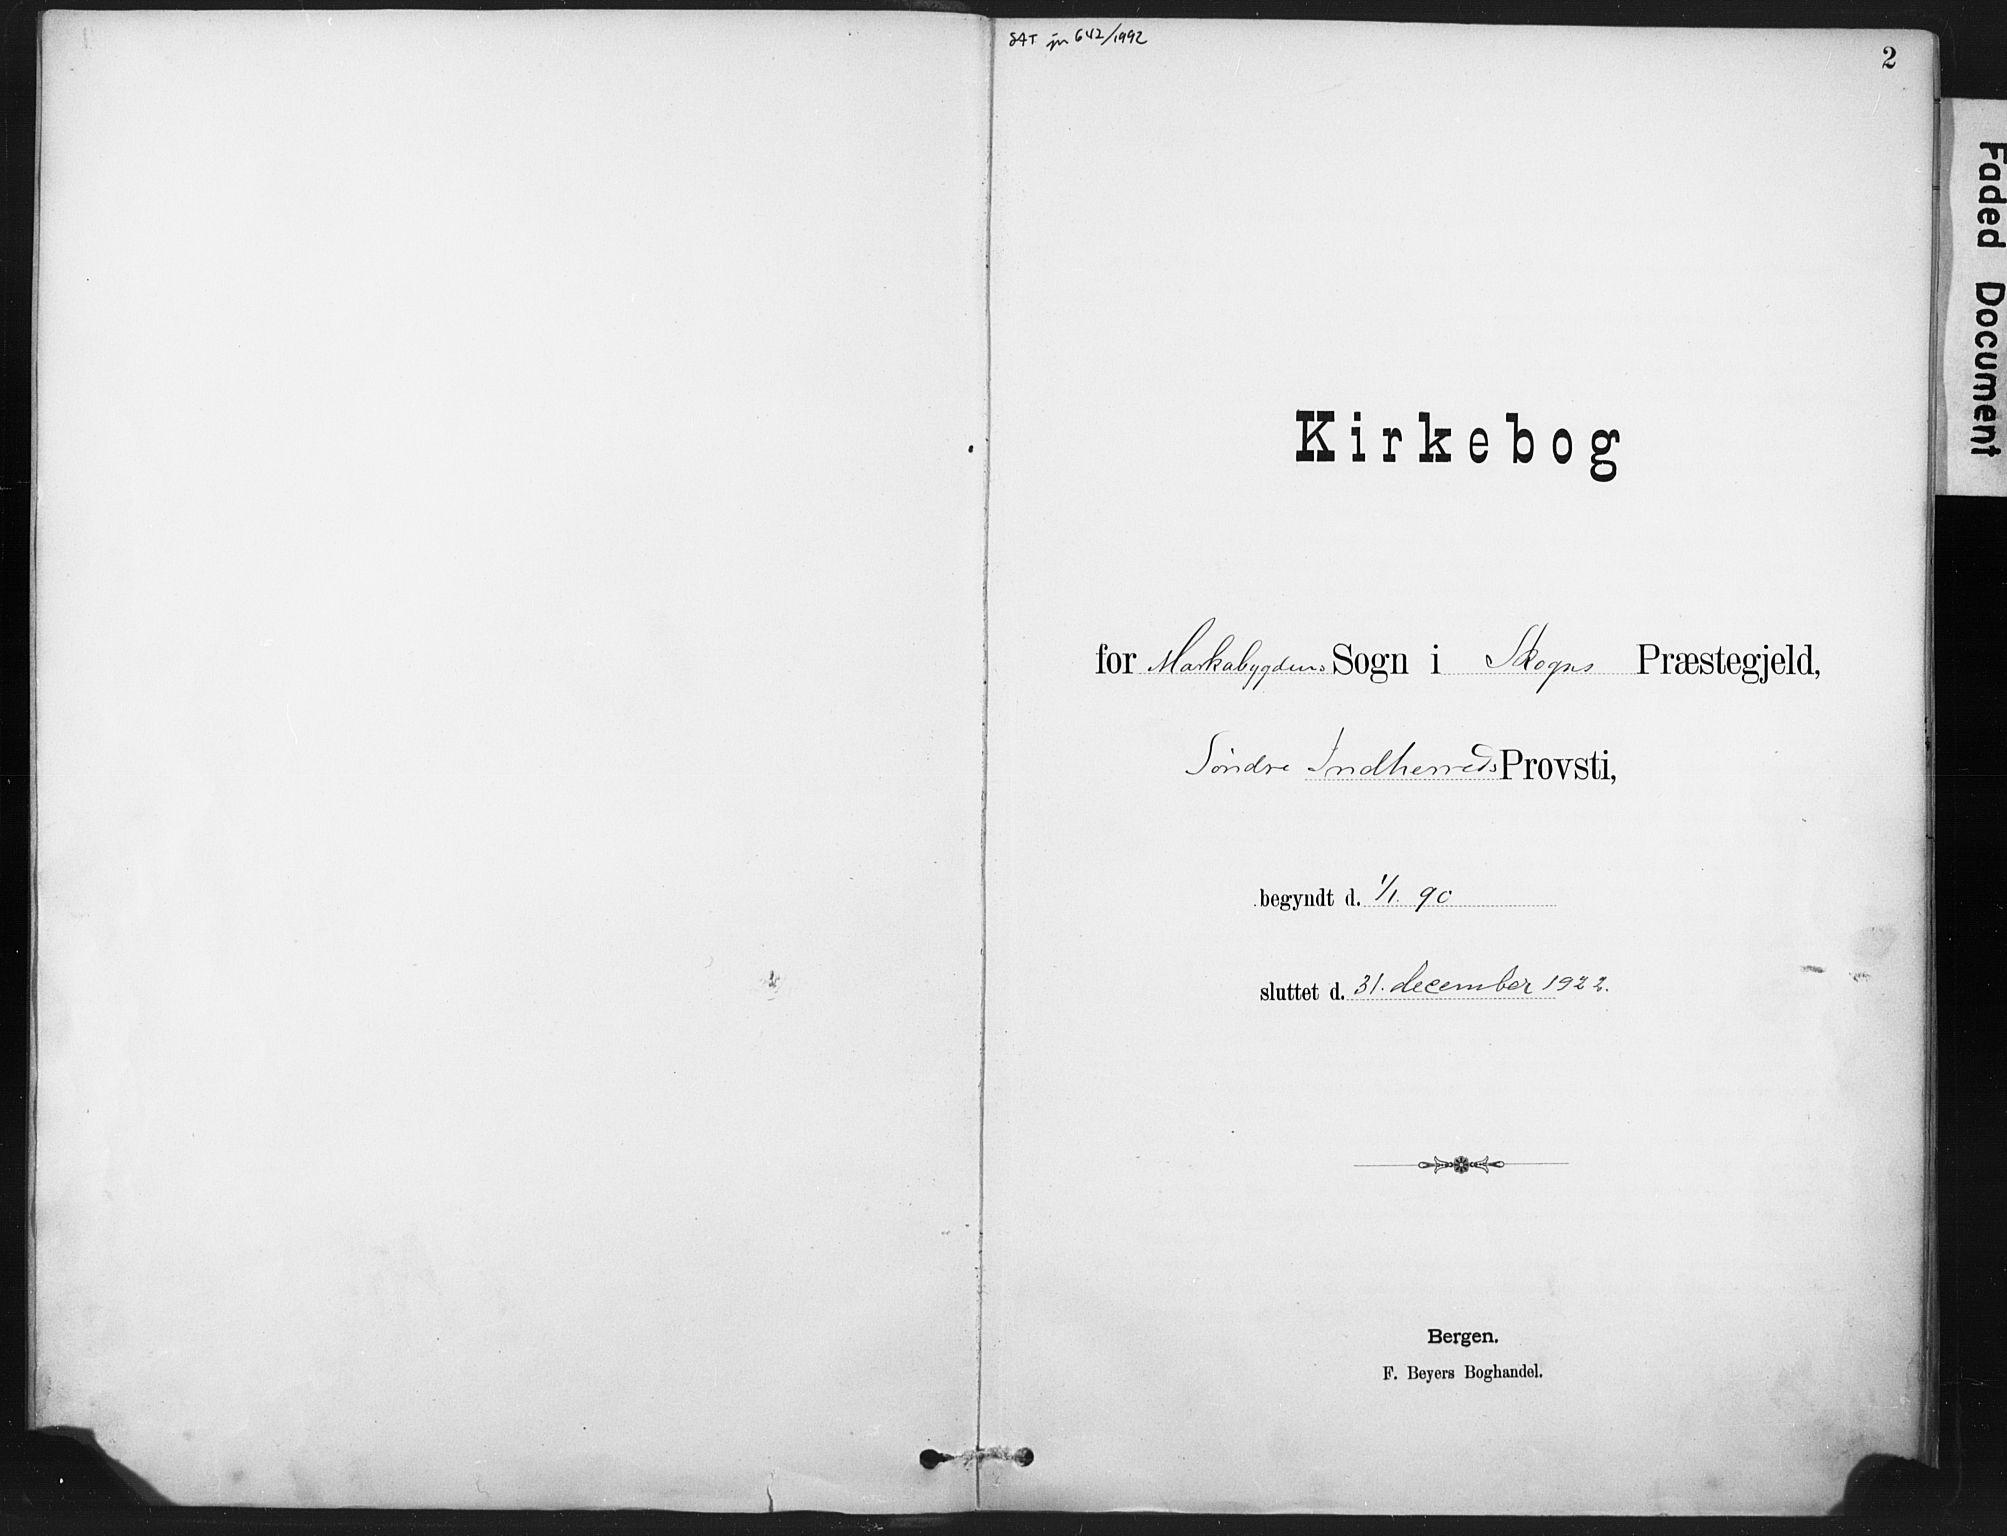 SAT, Ministerialprotokoller, klokkerbøker og fødselsregistre - Nord-Trøndelag, 718/L0175: Ministerialbok nr. 718A01, 1890-1923, s. 2